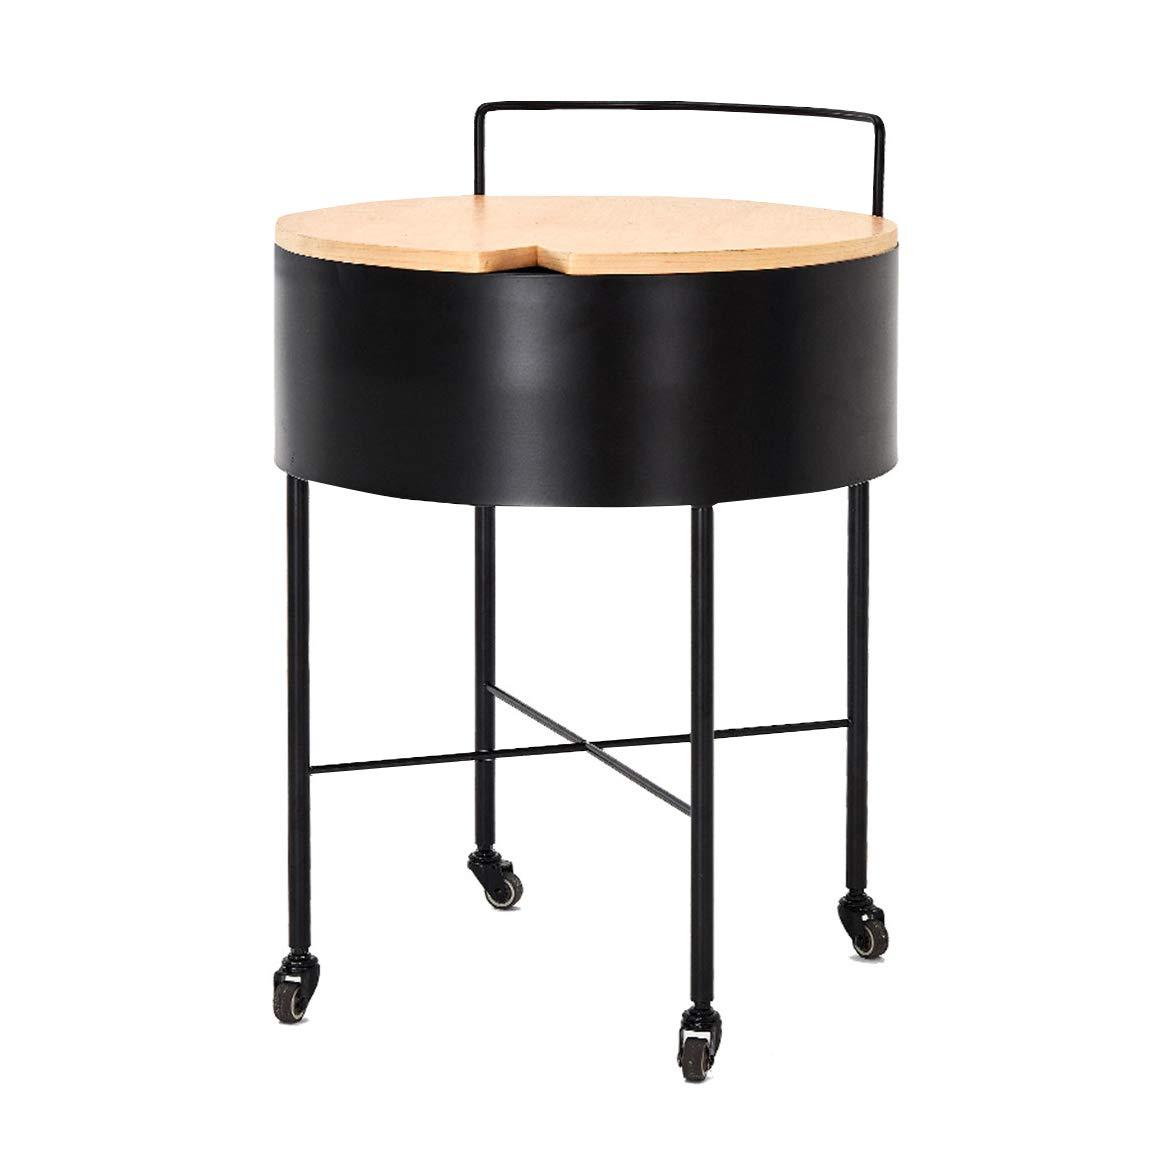 コーヒーテーブル アイアンアートテーブル、ホイールデザインそれは移動することができます便利収納ソファサイドレジャーテーブル多機能家庭用レストランの装飾コーヒーテーブル 小さなコーヒーテーブル (サイズ さいず : 40*40*56.7cm) B07P9JNBWR  40*40*56.7cm